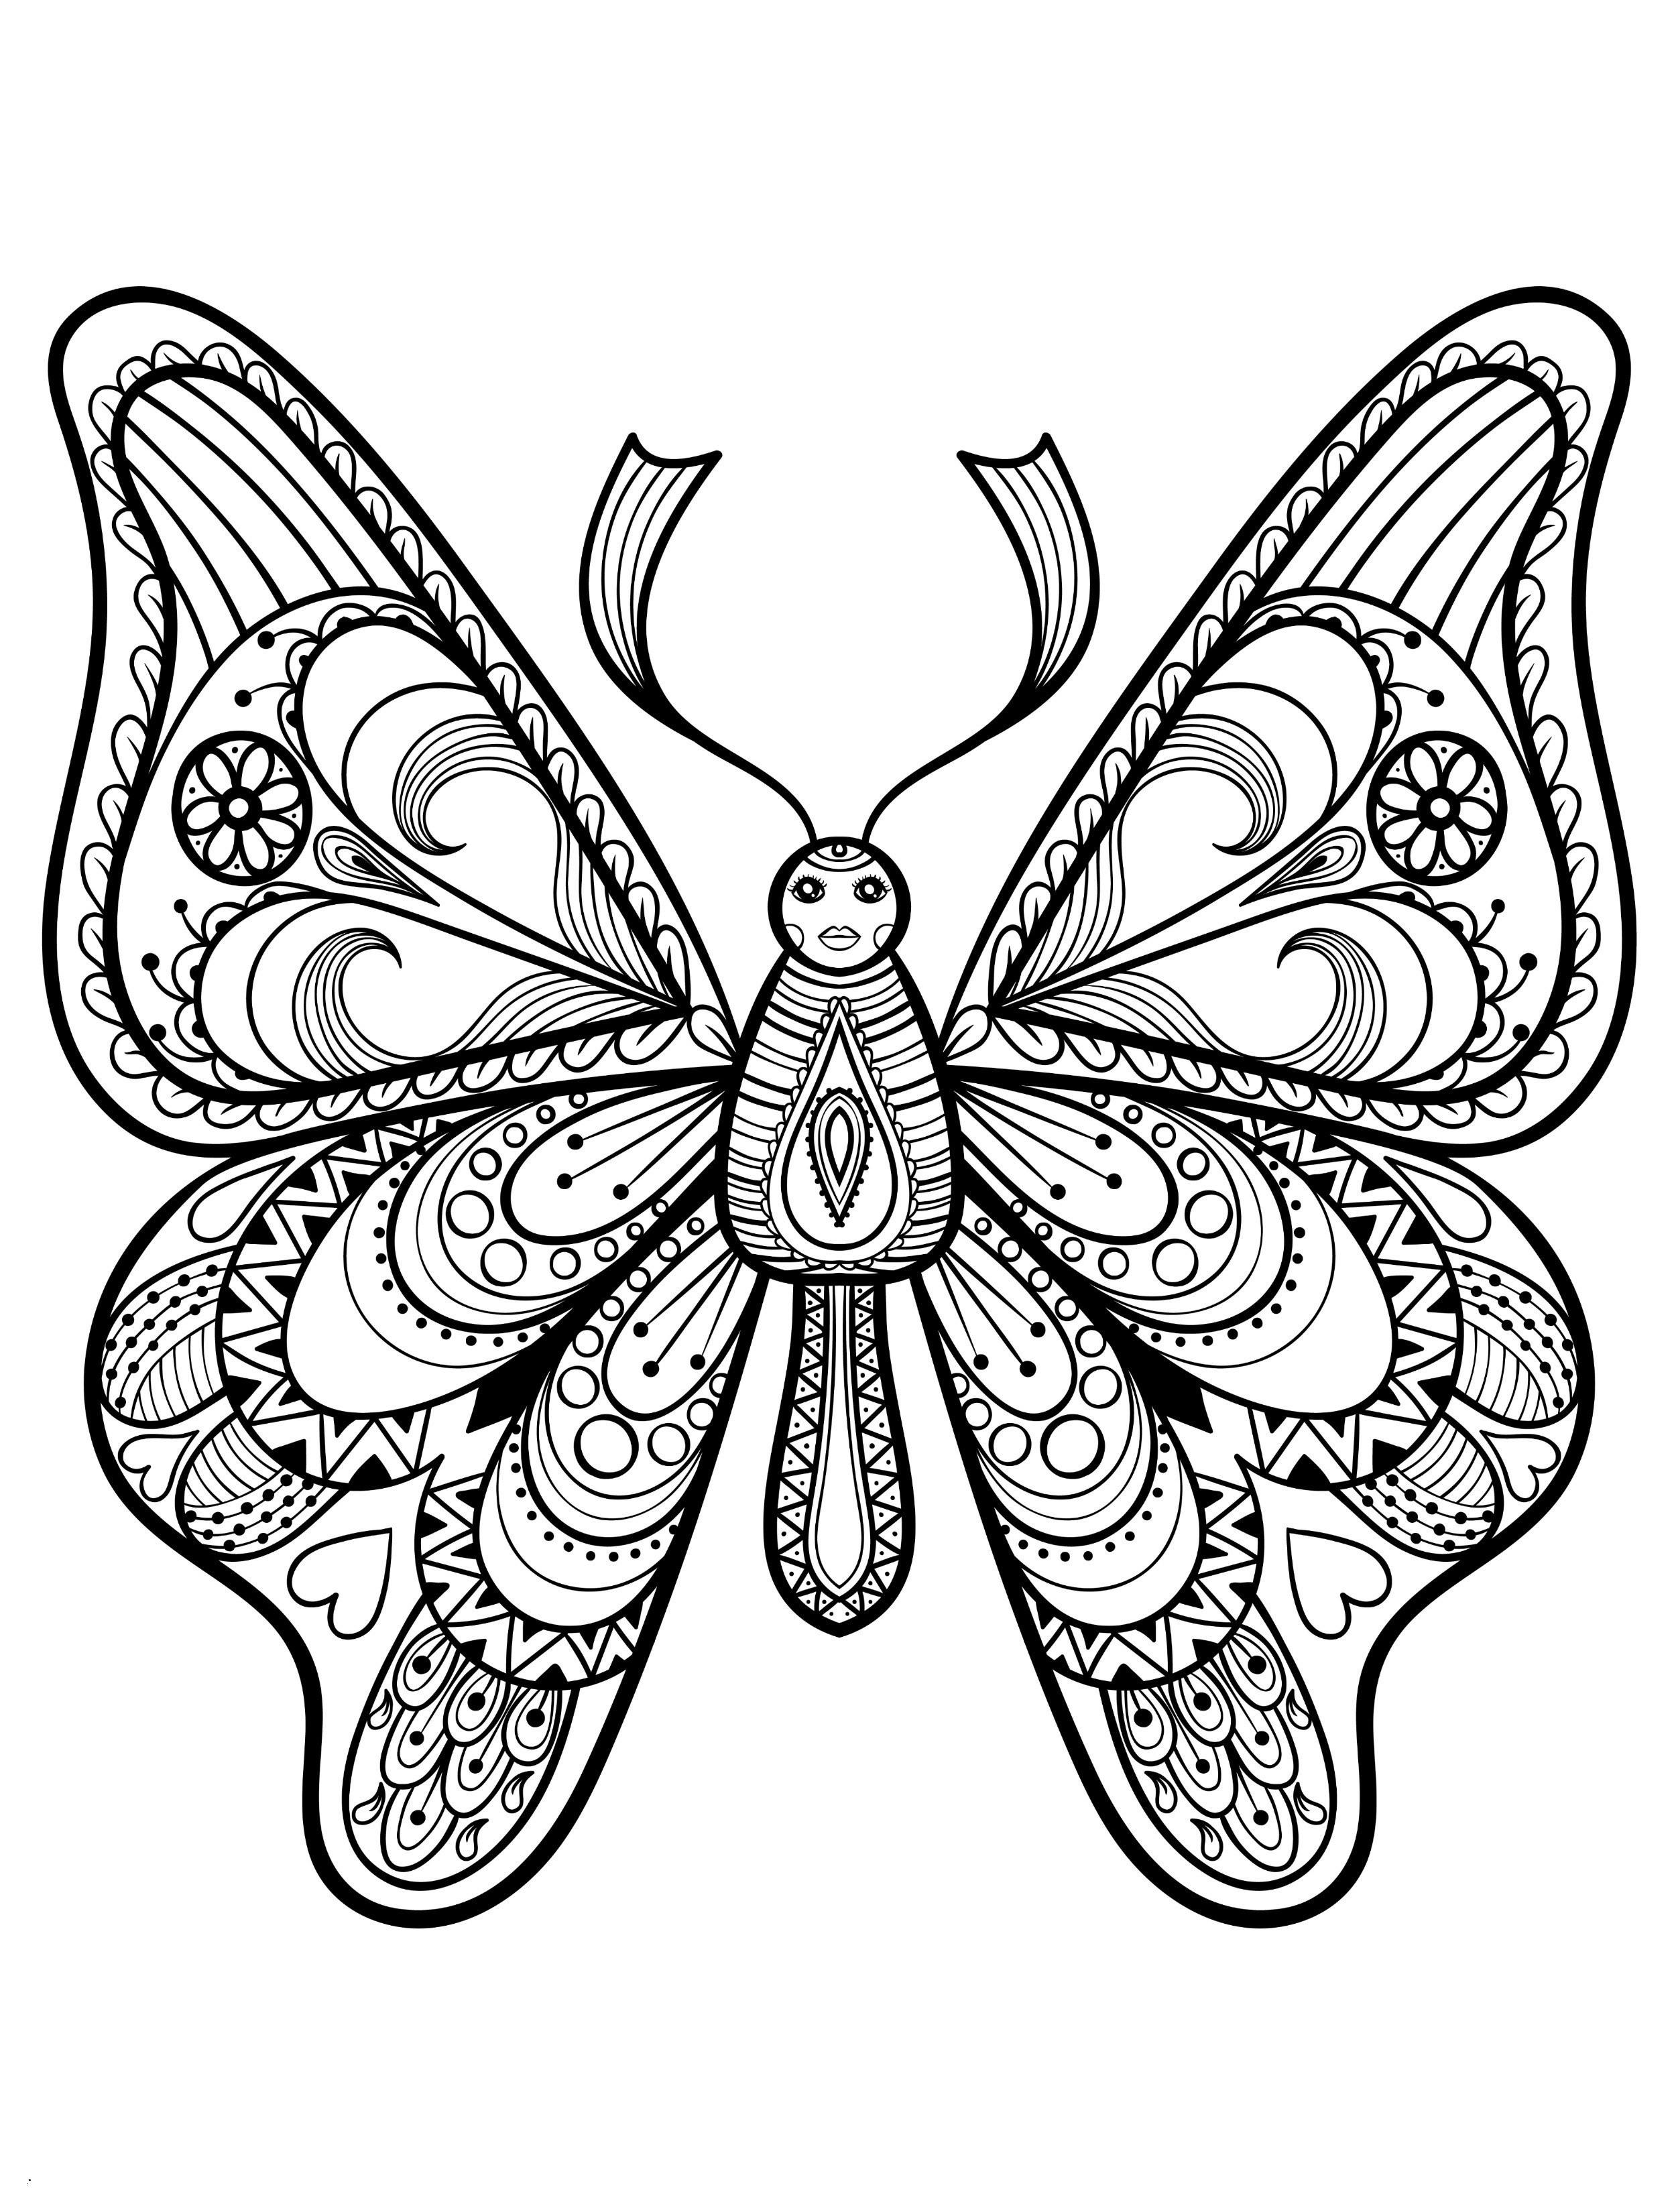 Schmetterlinge Bilder Zum Ausmalen Das Beste Von 48 Idee Malvorlagen Schmetterlinge Treehouse Nyc Galerie